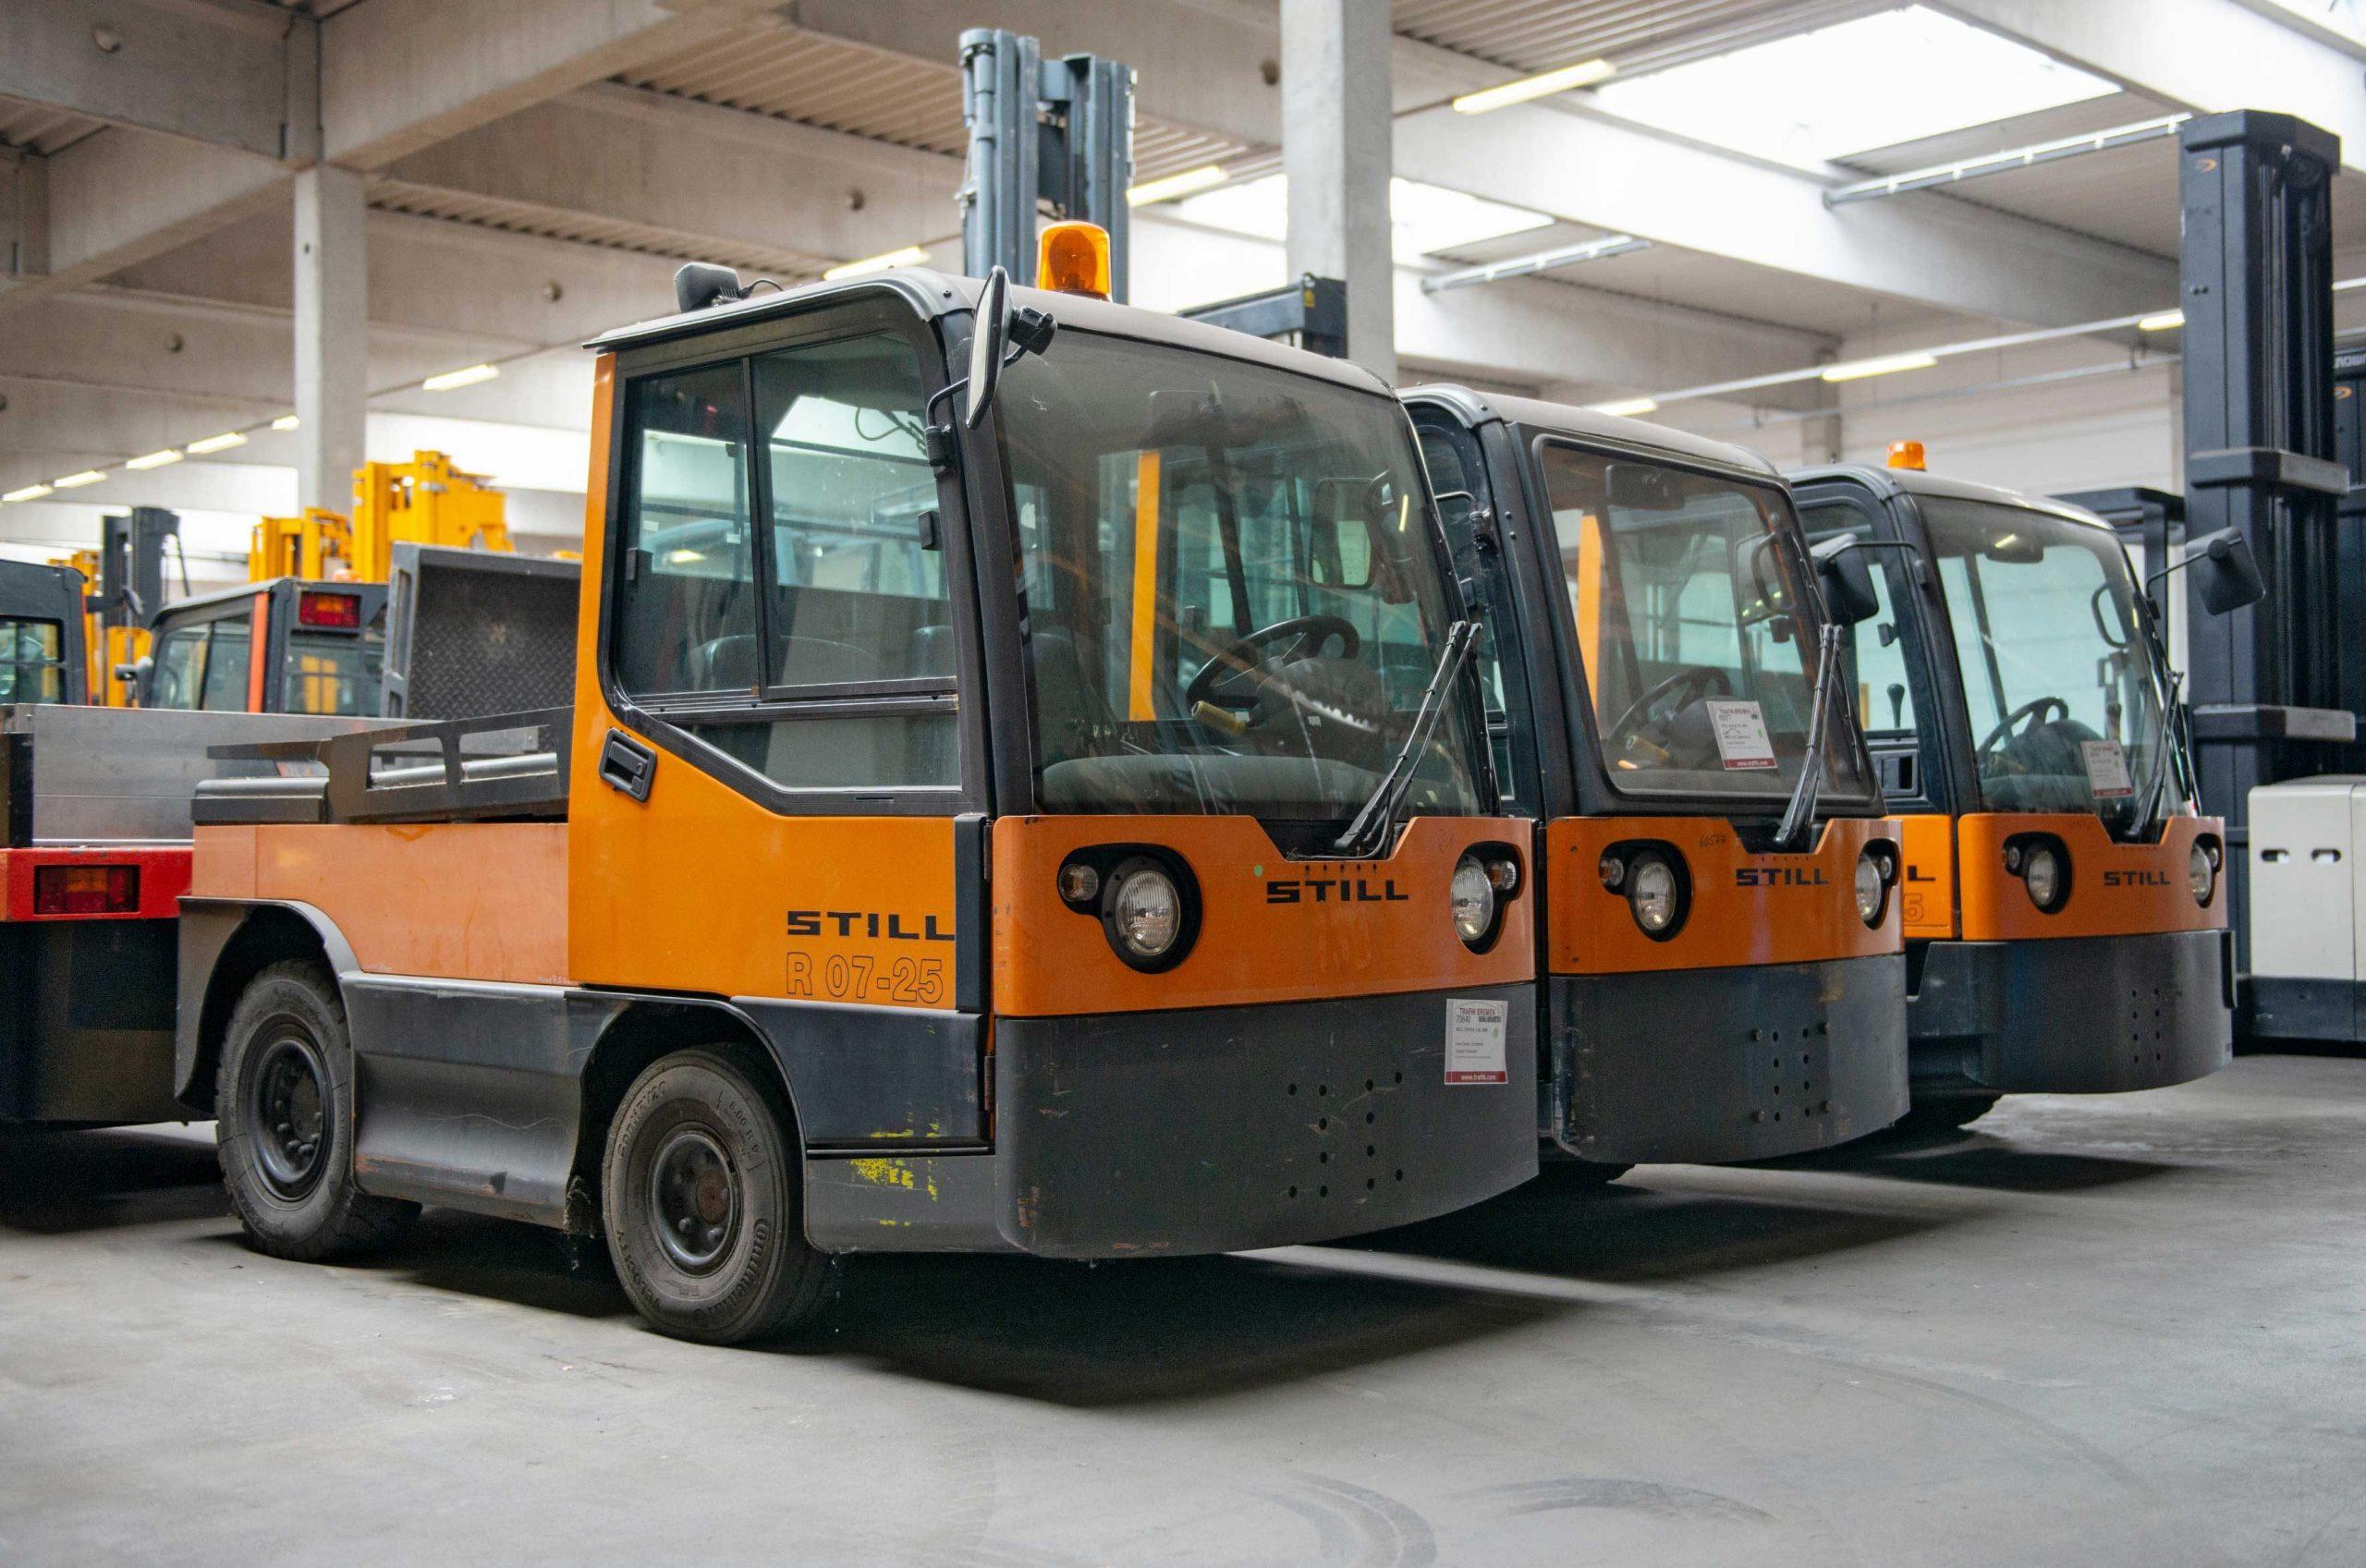 TRAFIK Bremen -Sonderfahrzeuge gebraucht - alle Marken - gebrauchte Schlepper & Fahrersitzwagen - STILL - Linde - Jungheinrich etc.